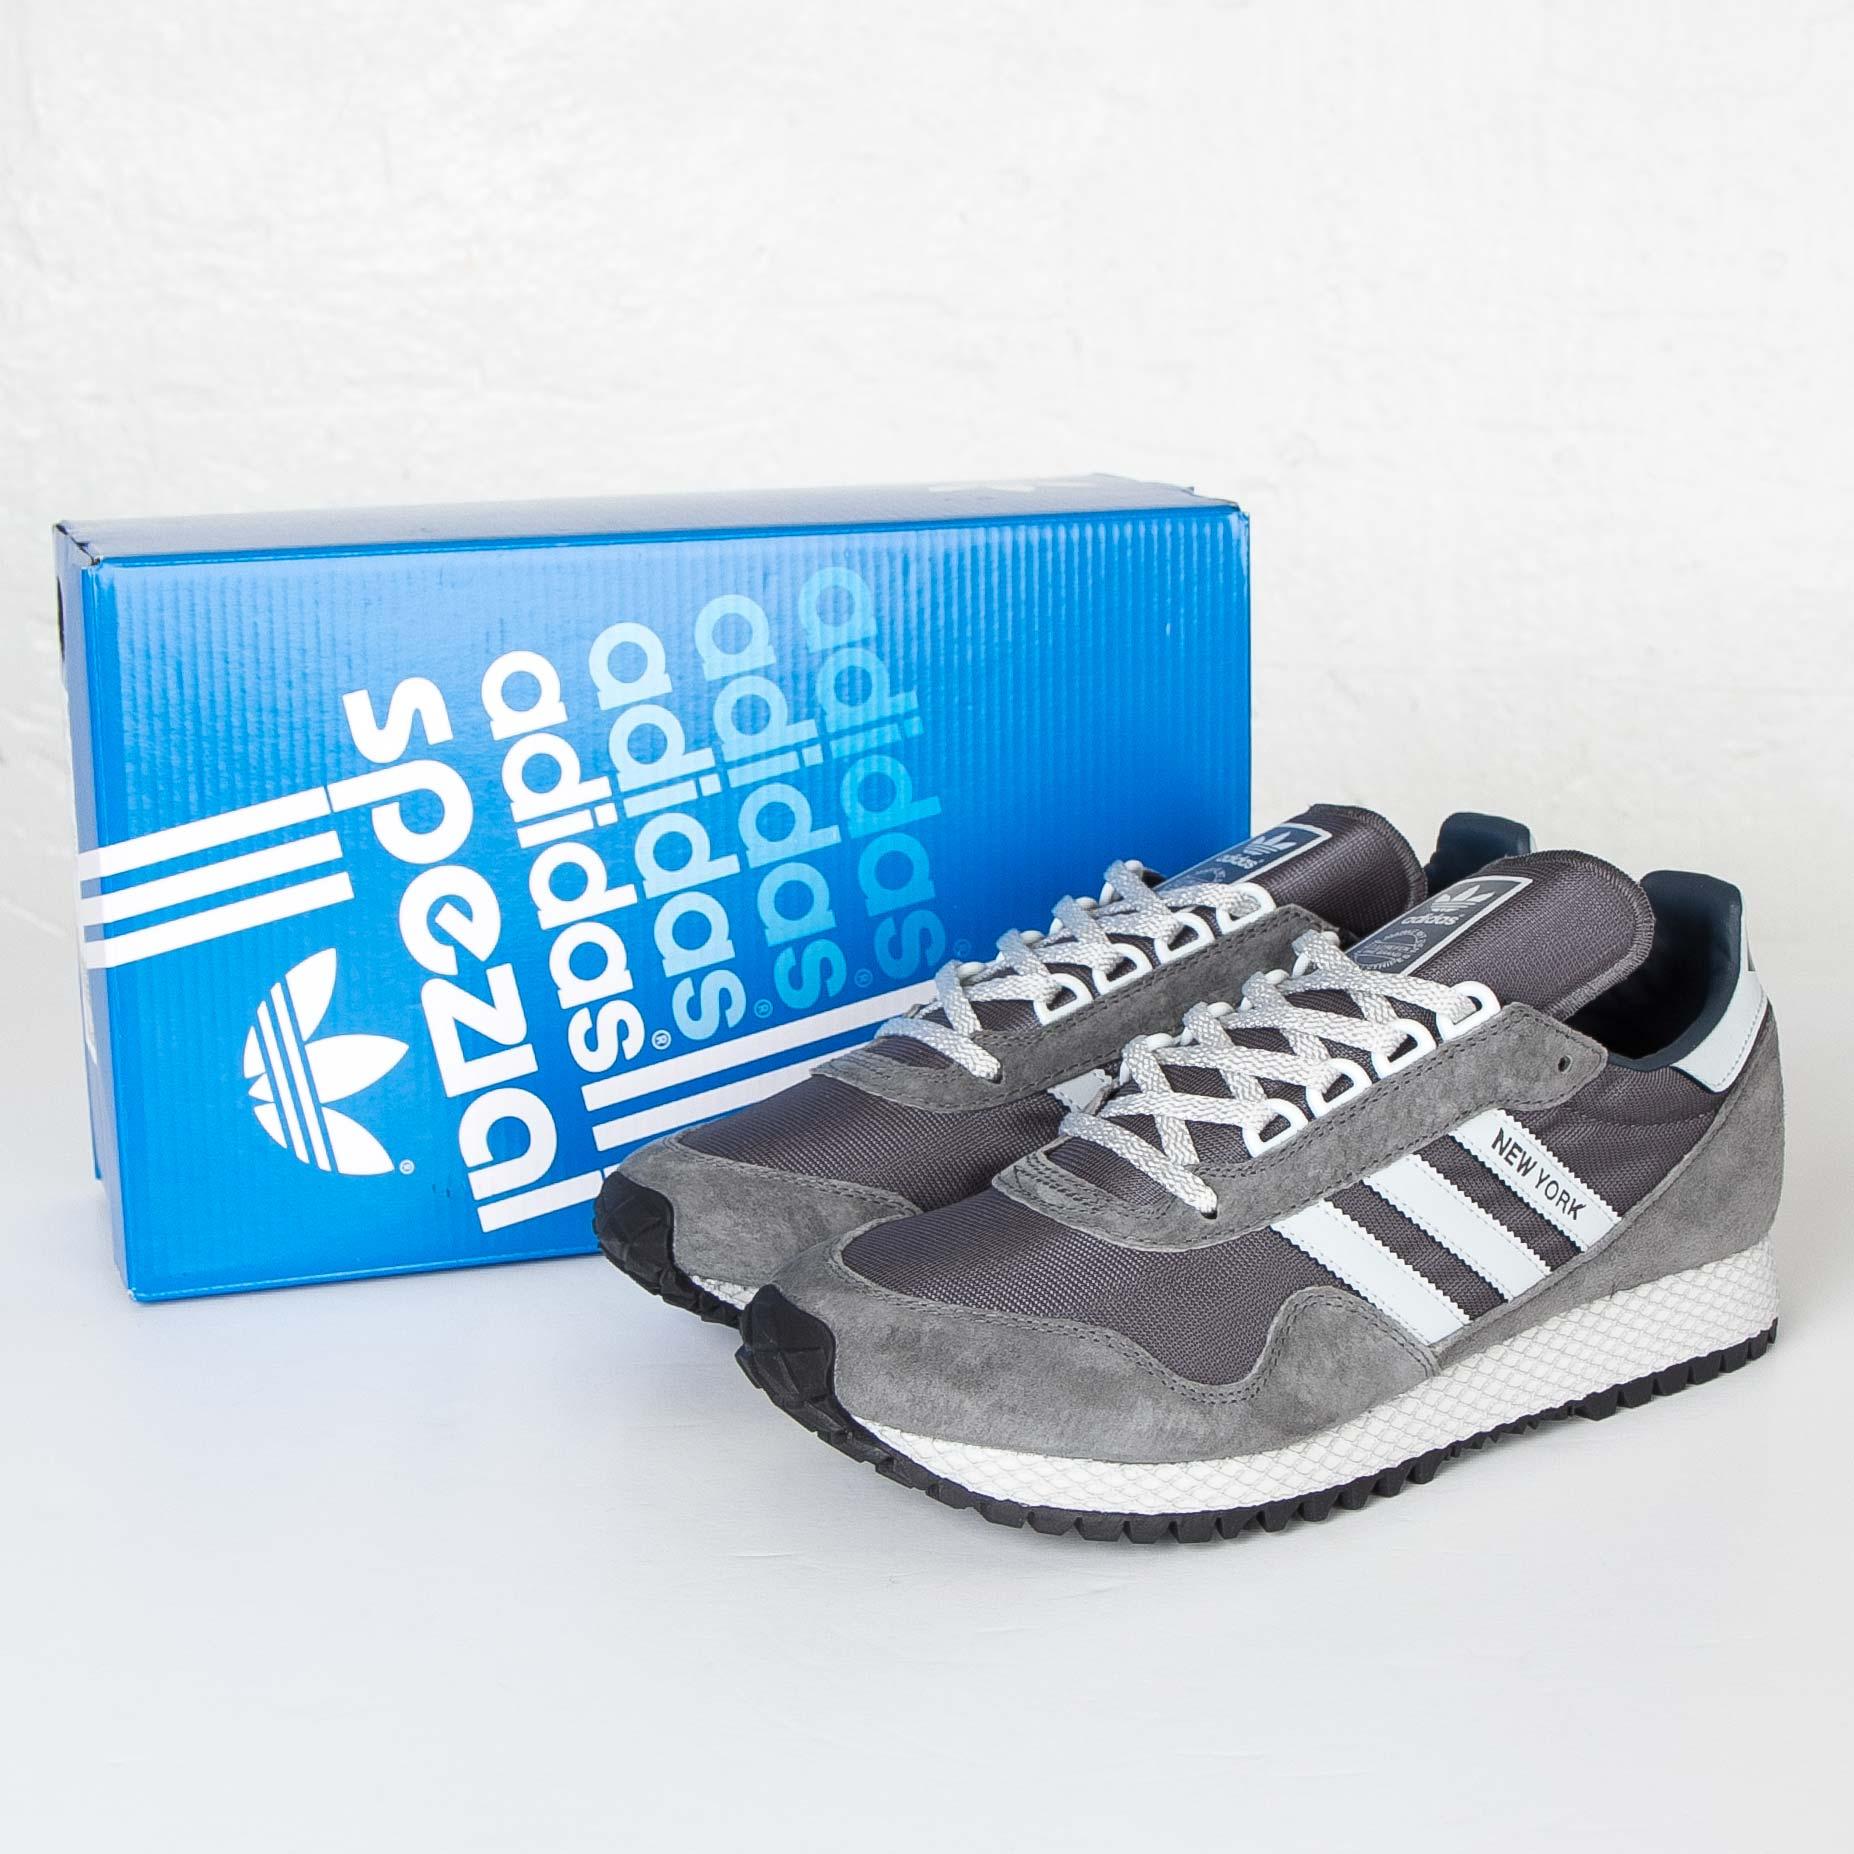 adidas new york spzl